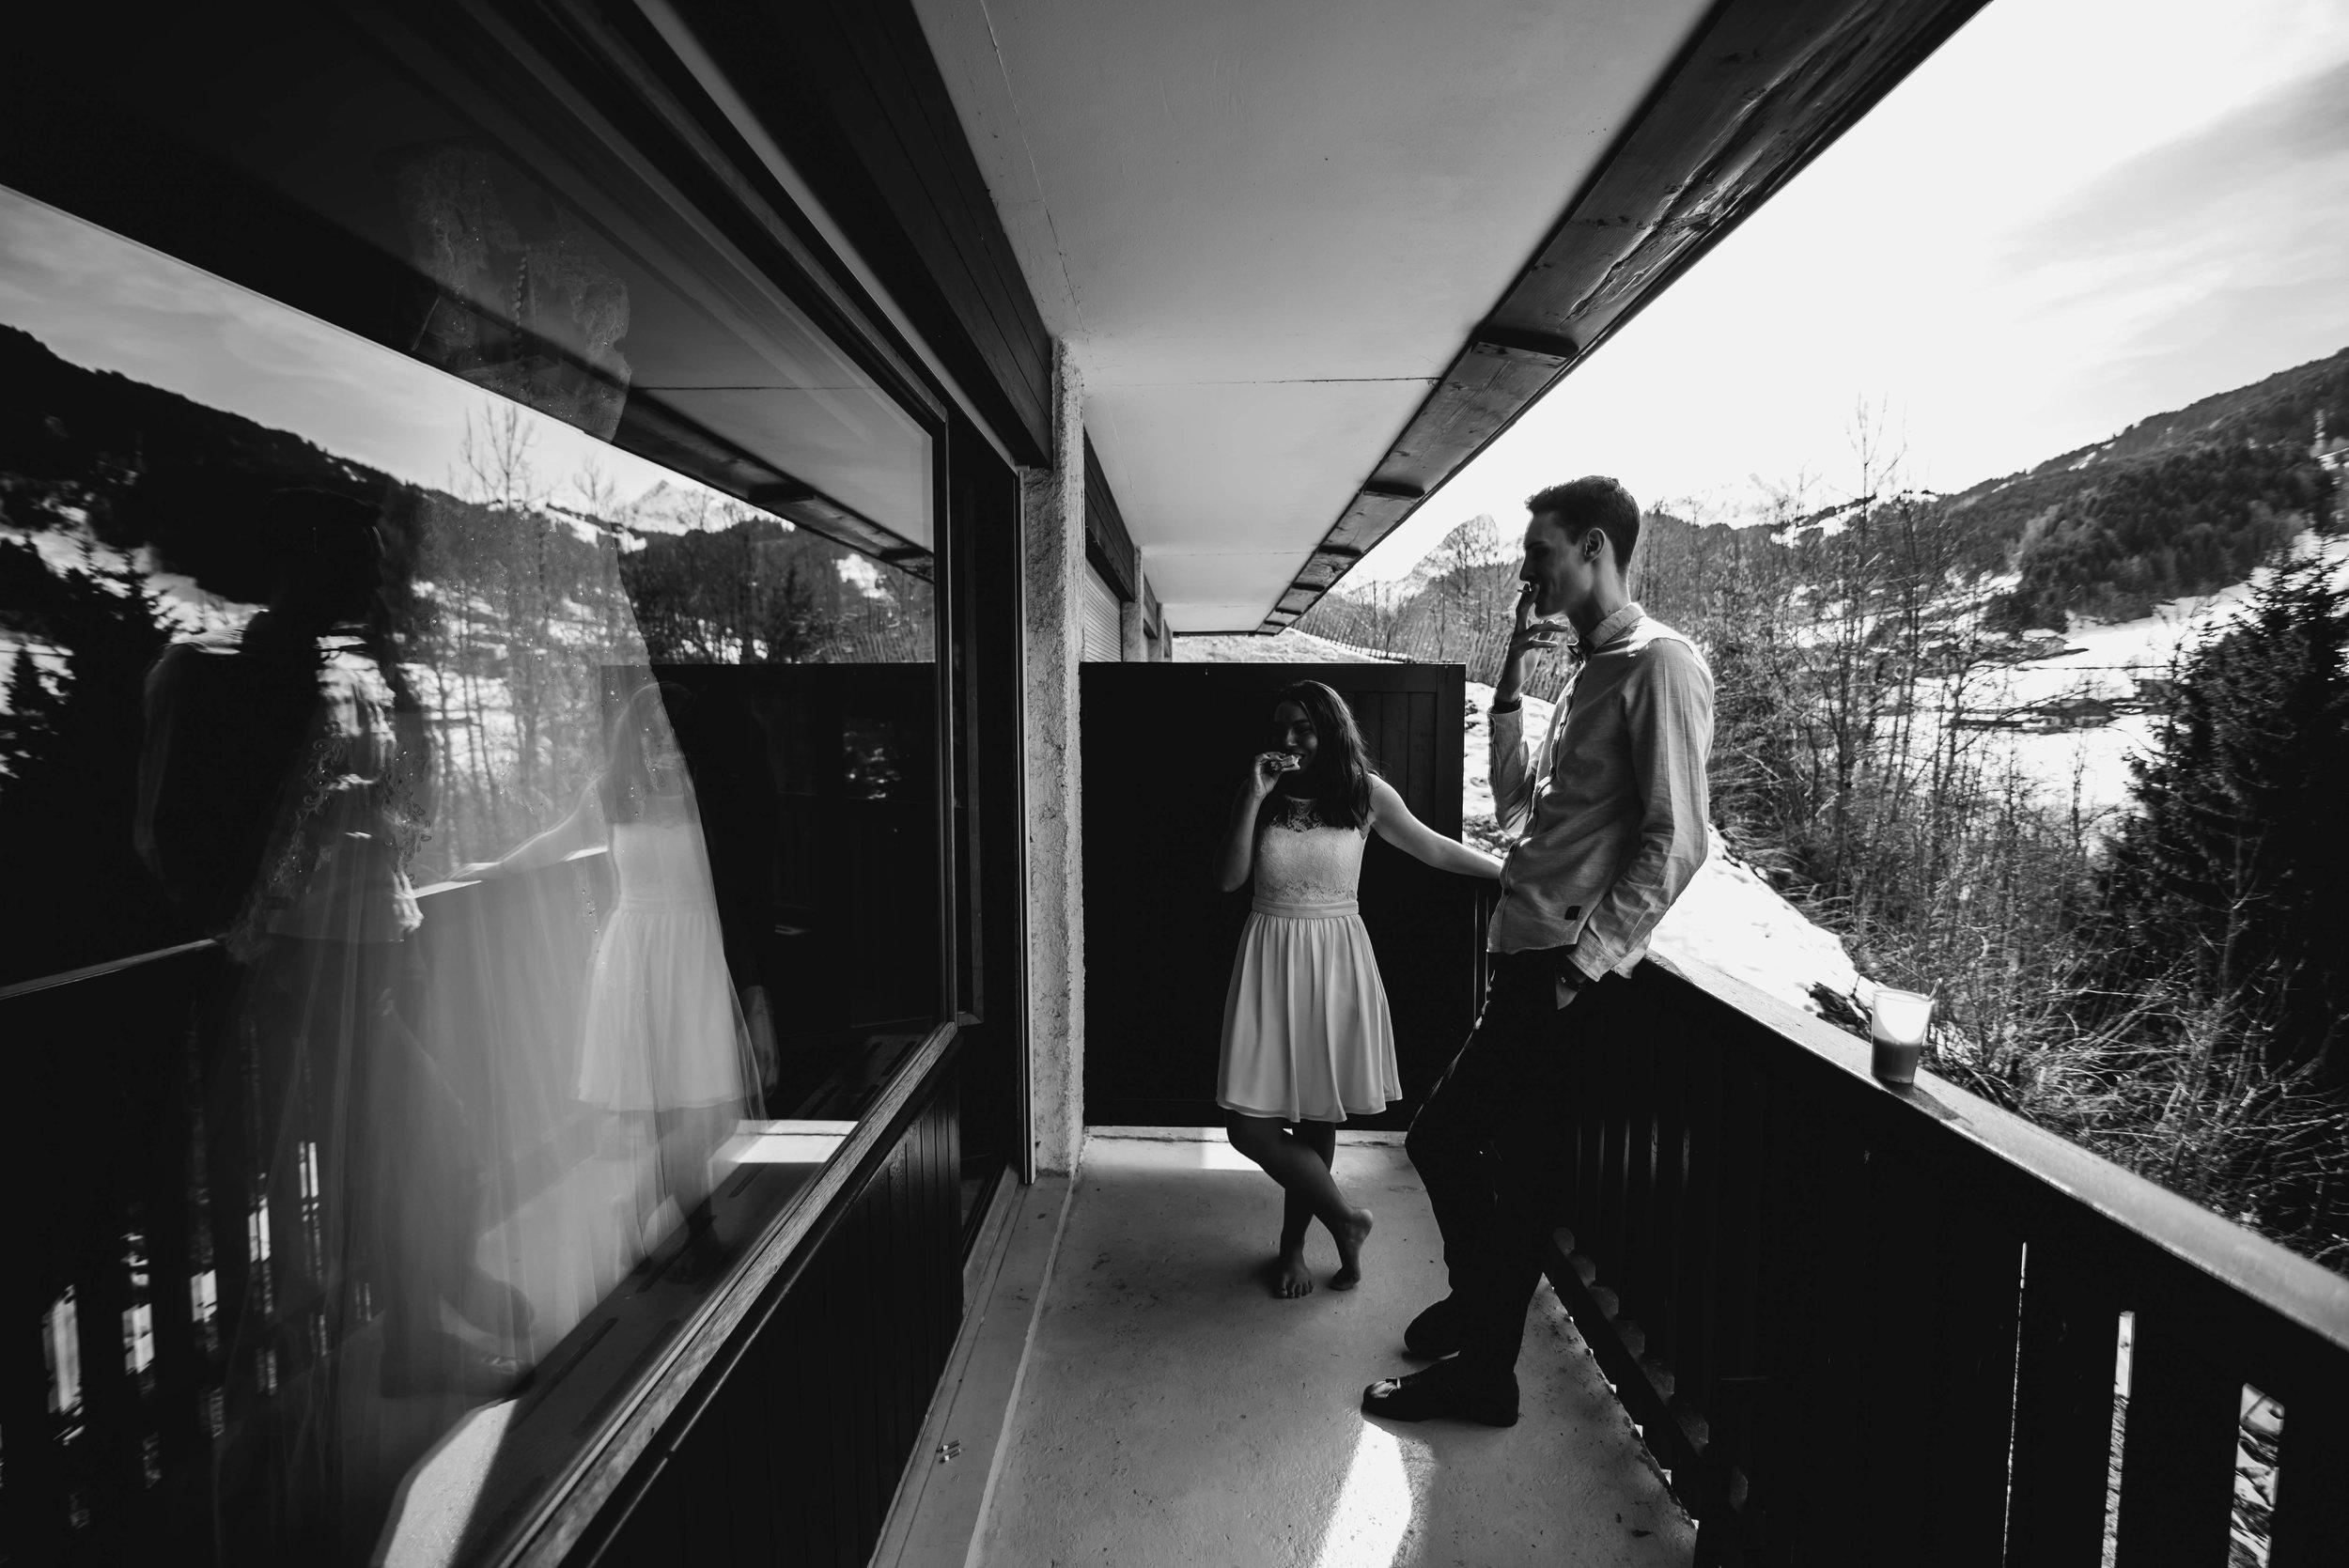 Léa-Fery-photographe-professionnel-lyon-rhone-alpes-portrait-mariage-couple-amour-lovesession-engagement-elopment-2015.jpg